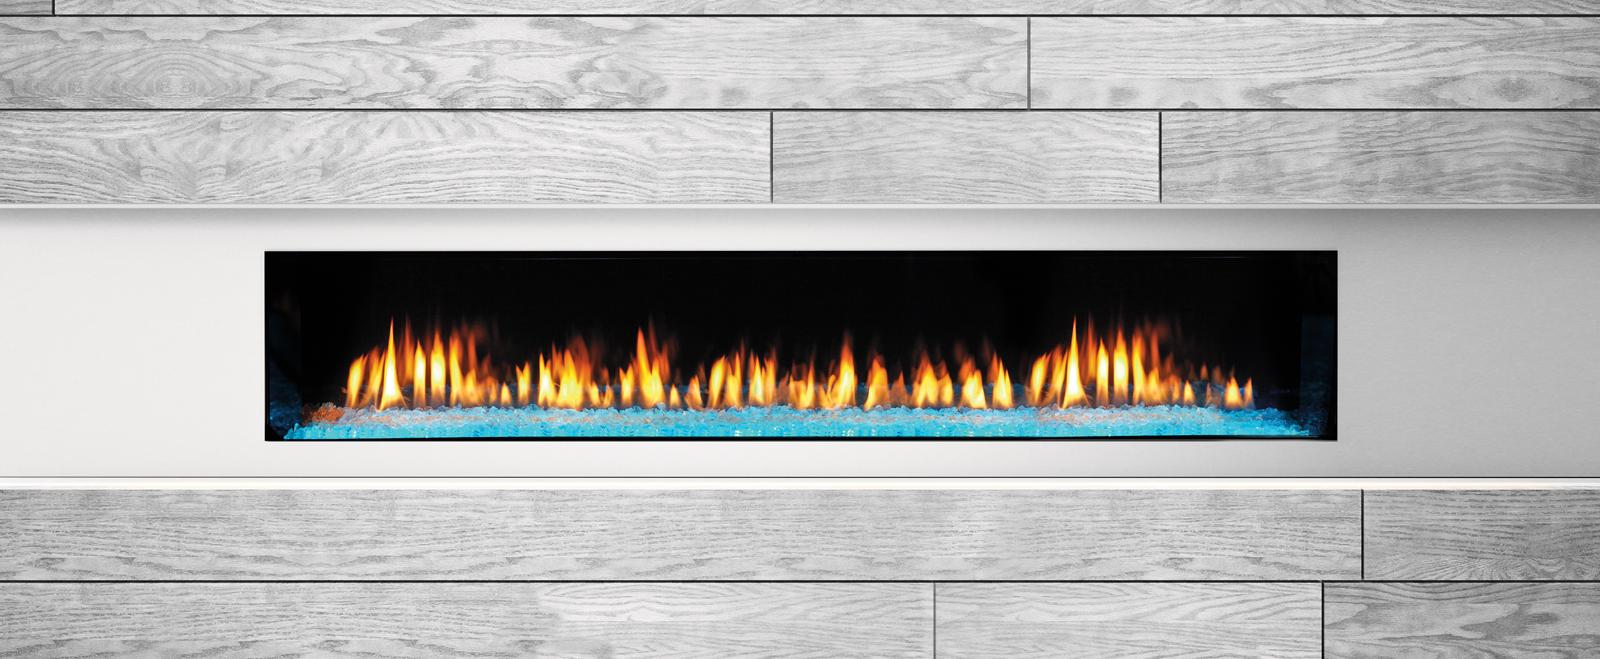 Southwest Fireplace